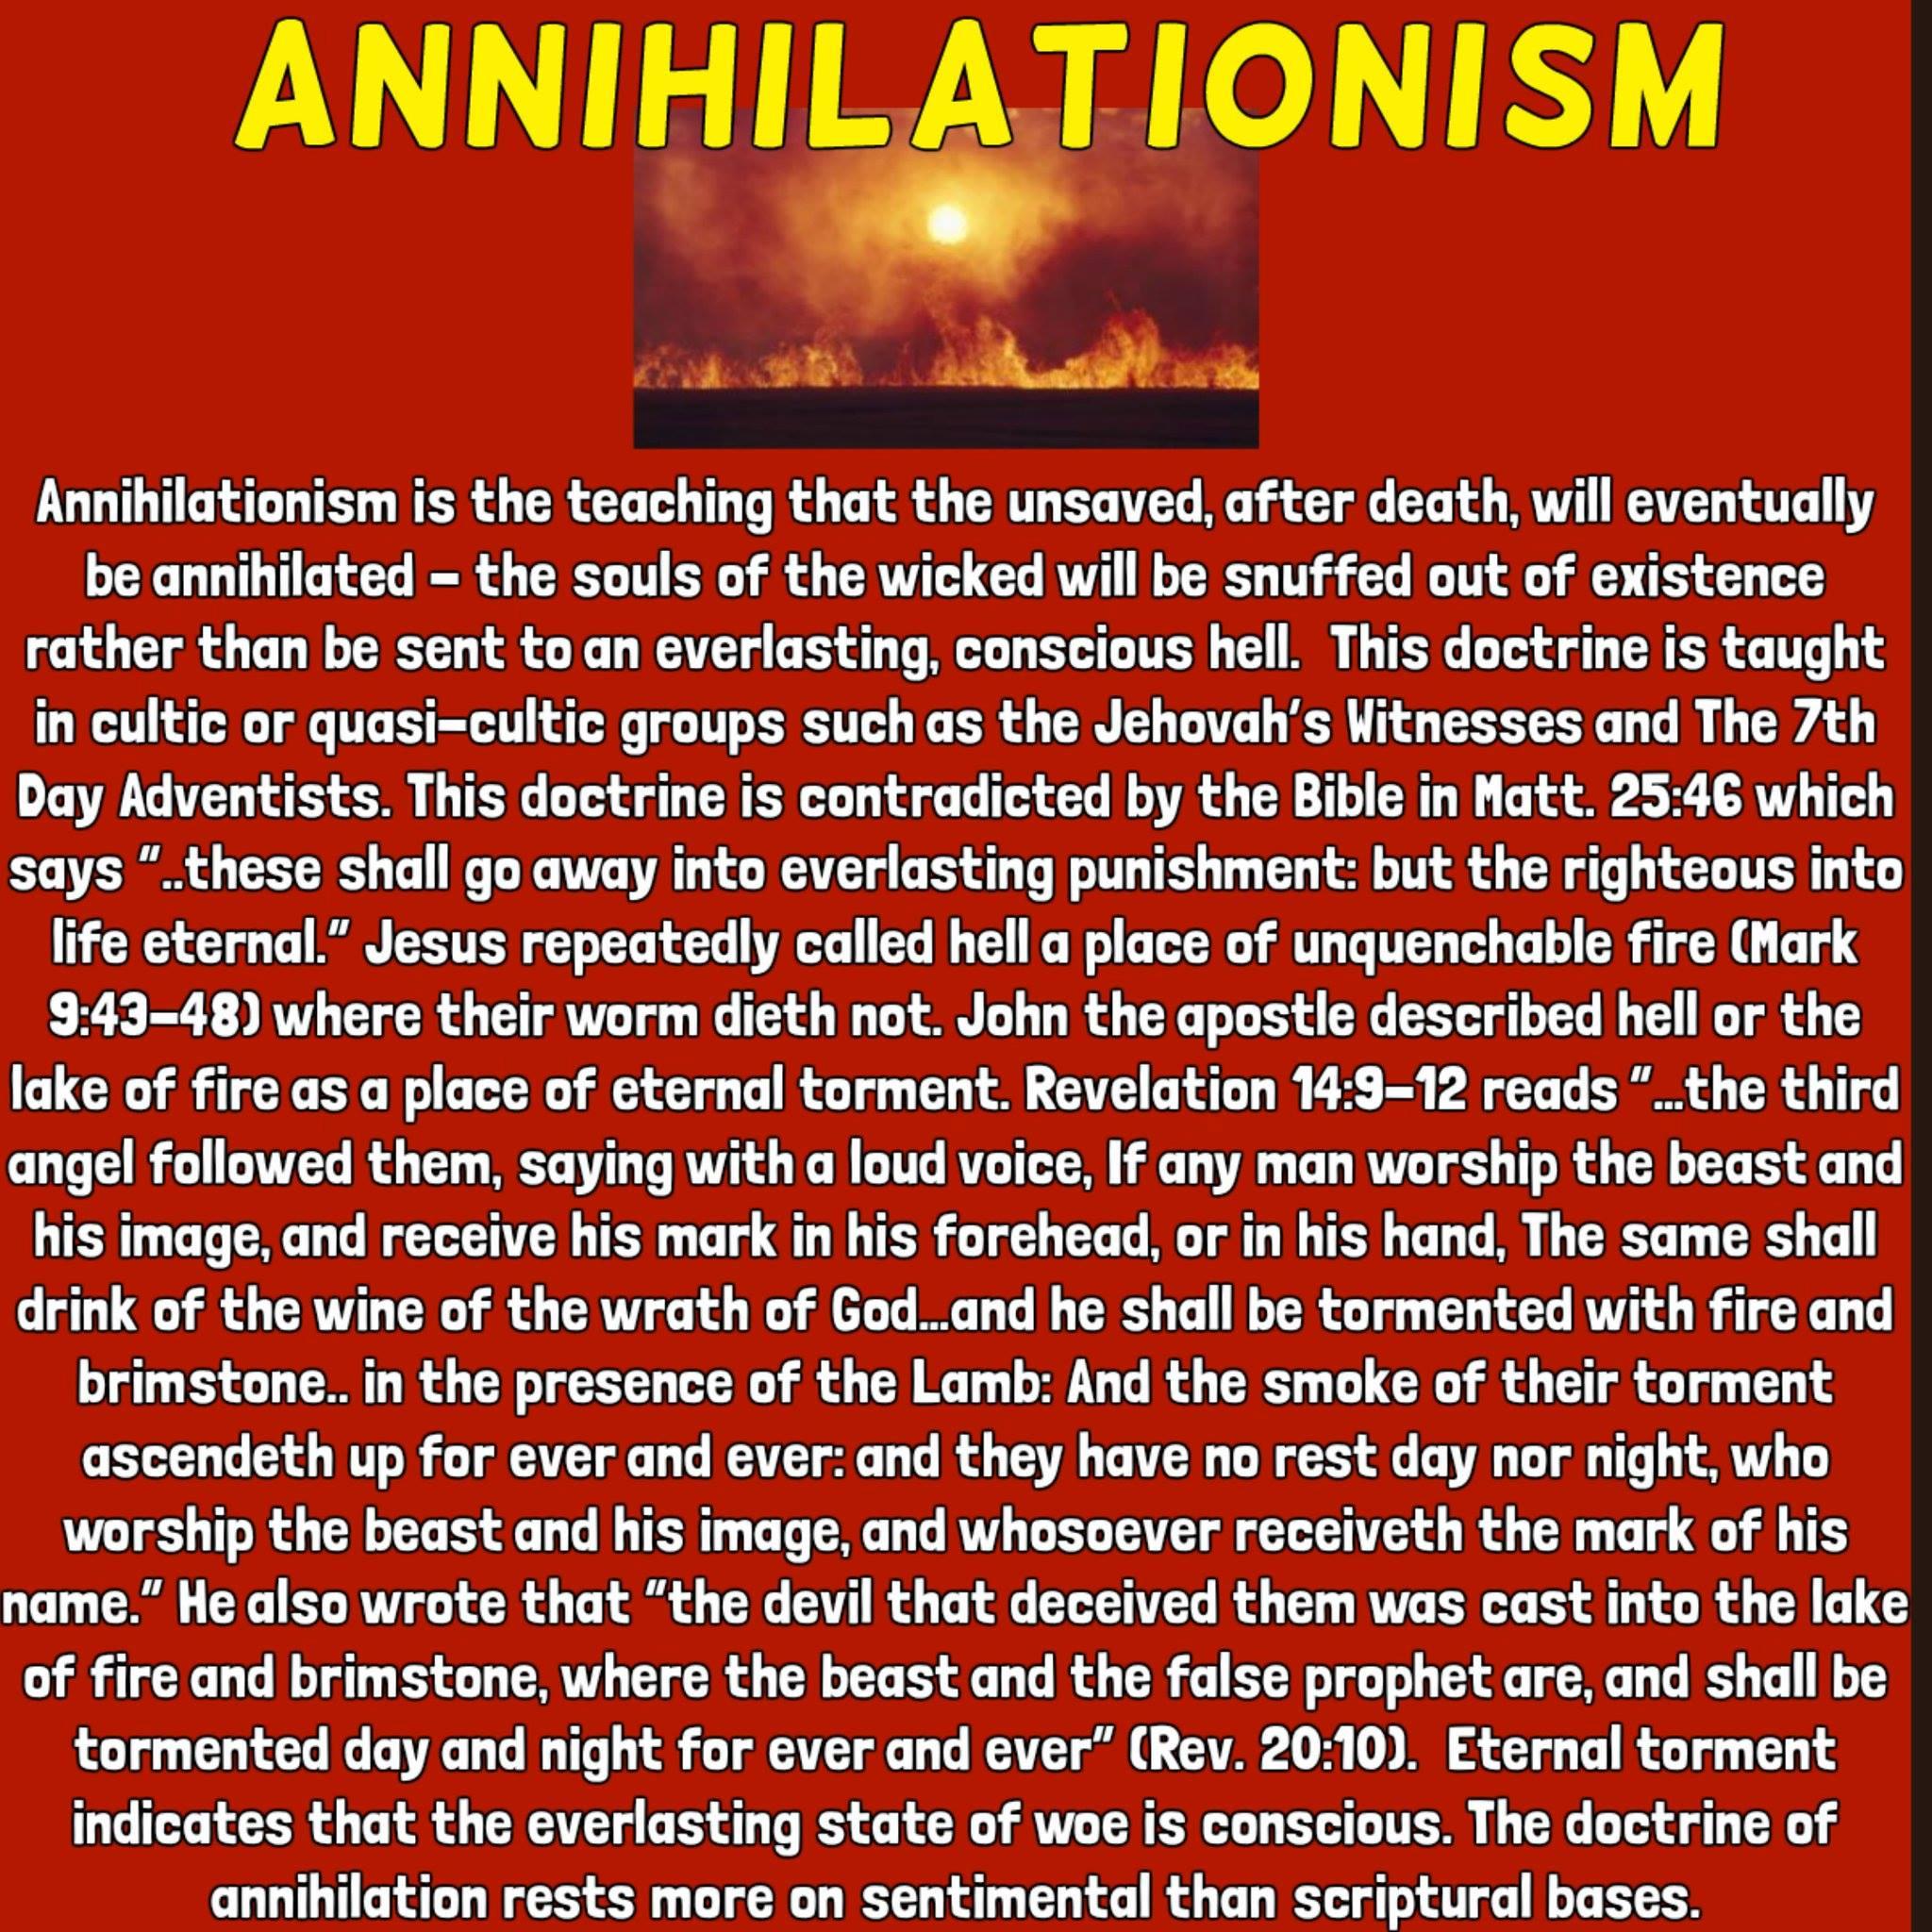 Annihilationism